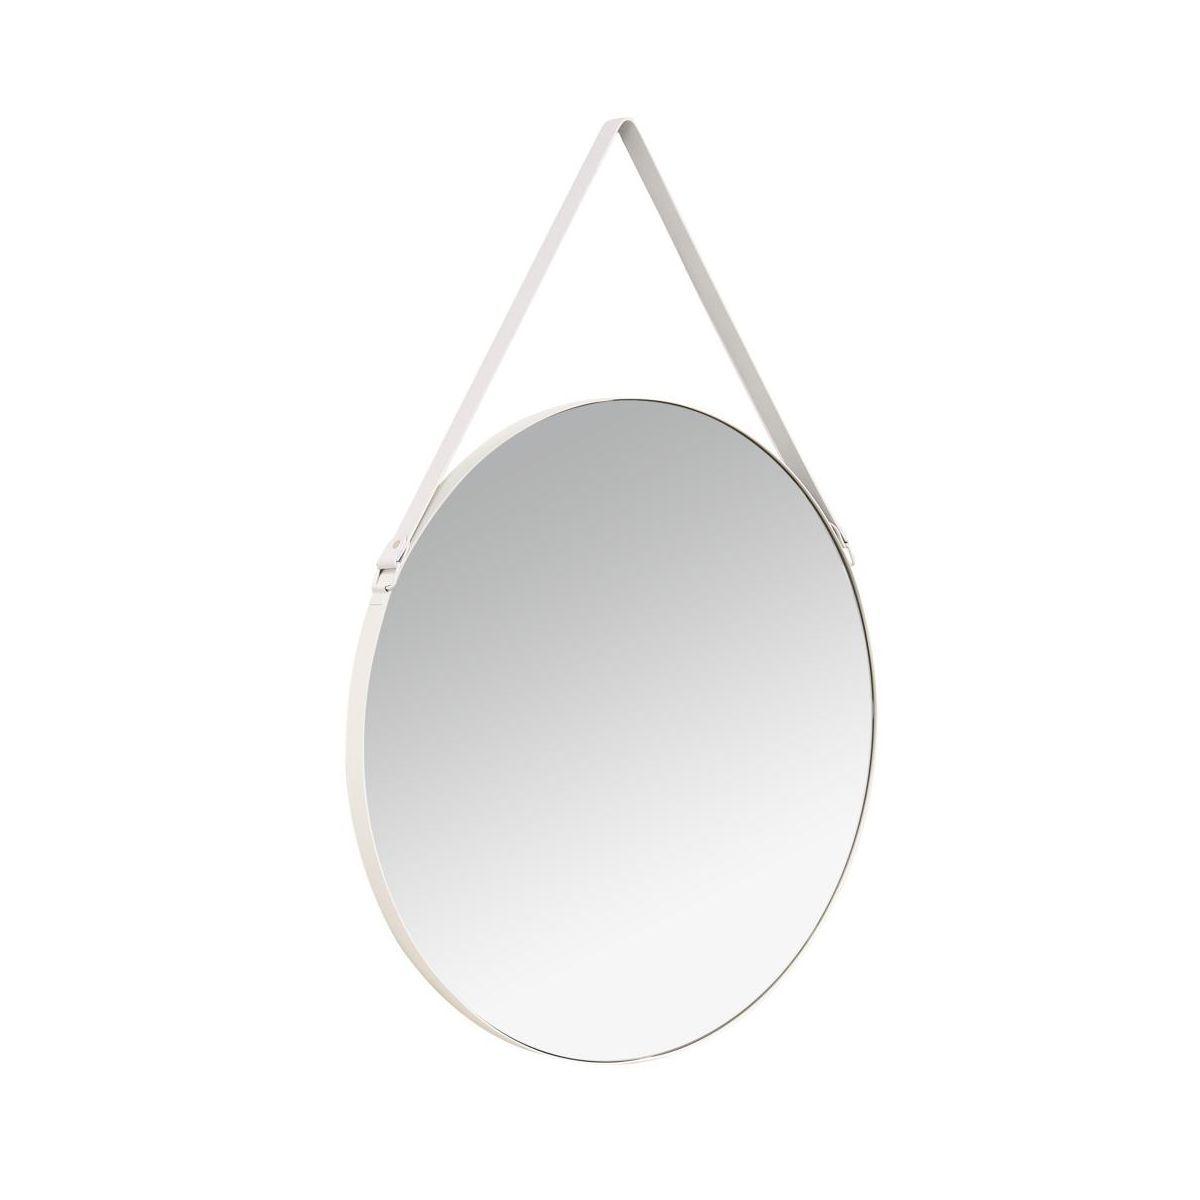 Lustro Bez Oswietlenia Belt 75 X 75 Grast Lustra Lazienkowe I Akcesoria W Atrakcyjnej Cenie W Sklepach L Bathroom Mirror Mirror Table Round Mirror Bathroom